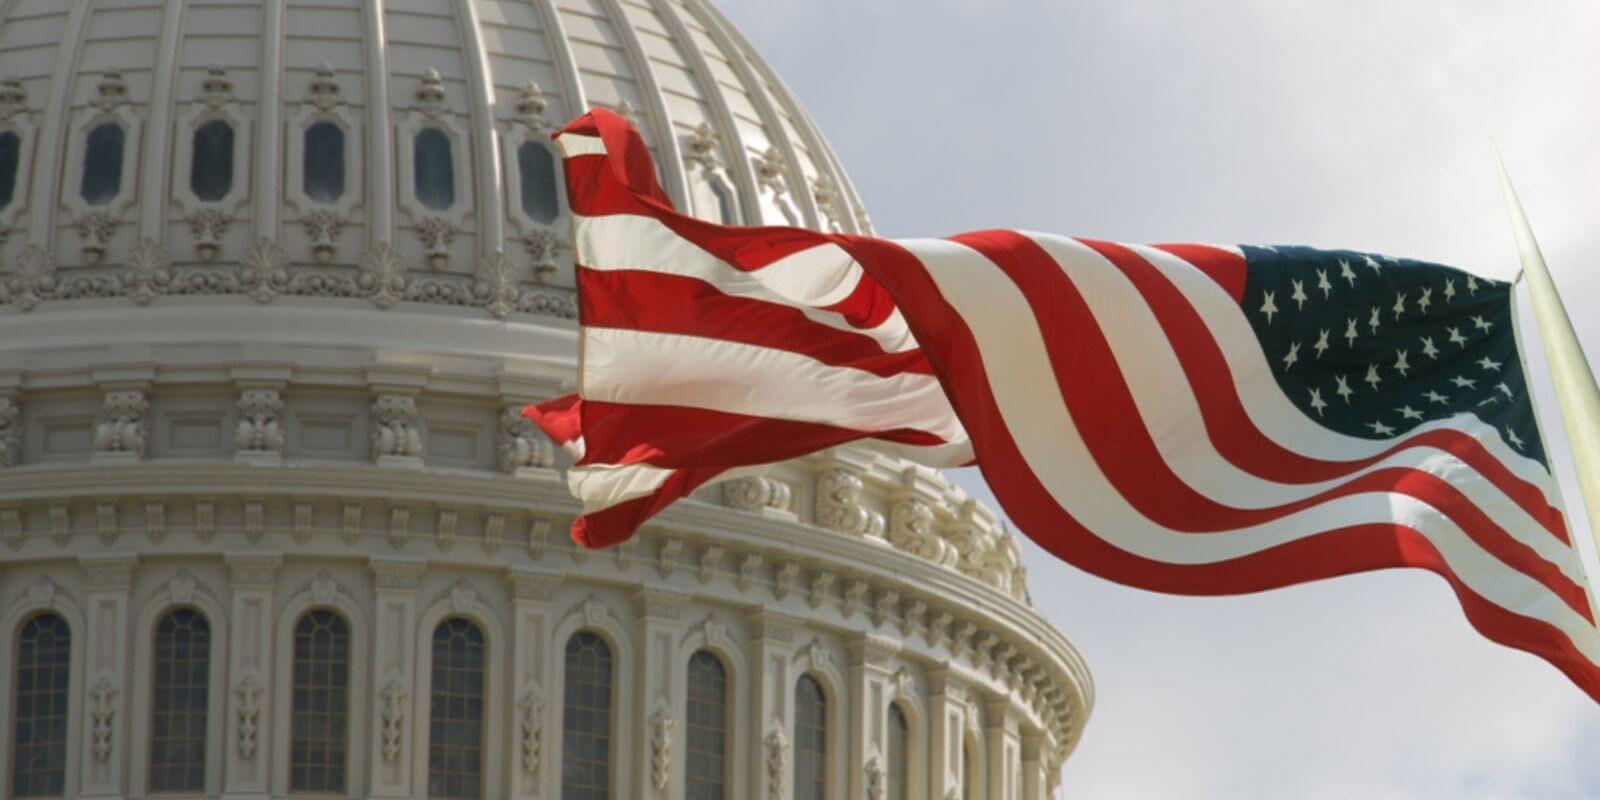 États-Unis: un sénateur soutient officiellement le Libra